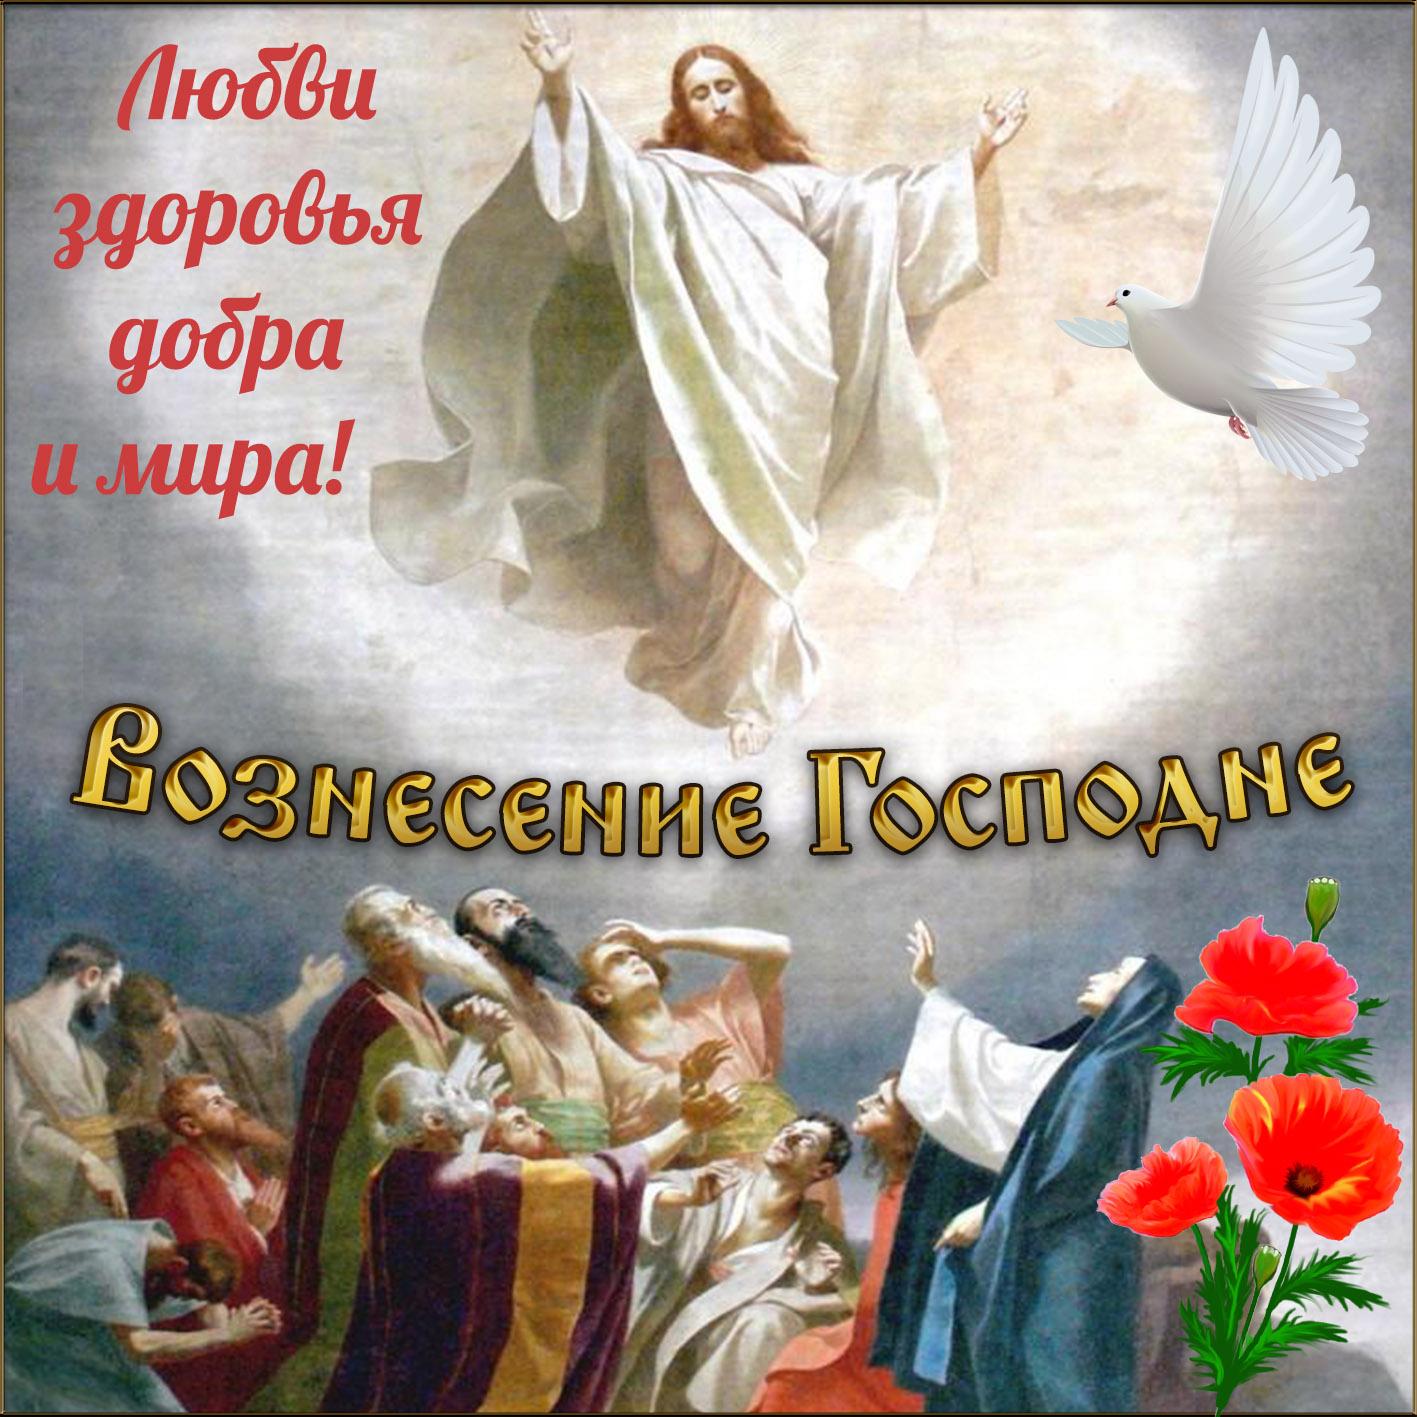 Праздник вознесение господне поздравления открытки